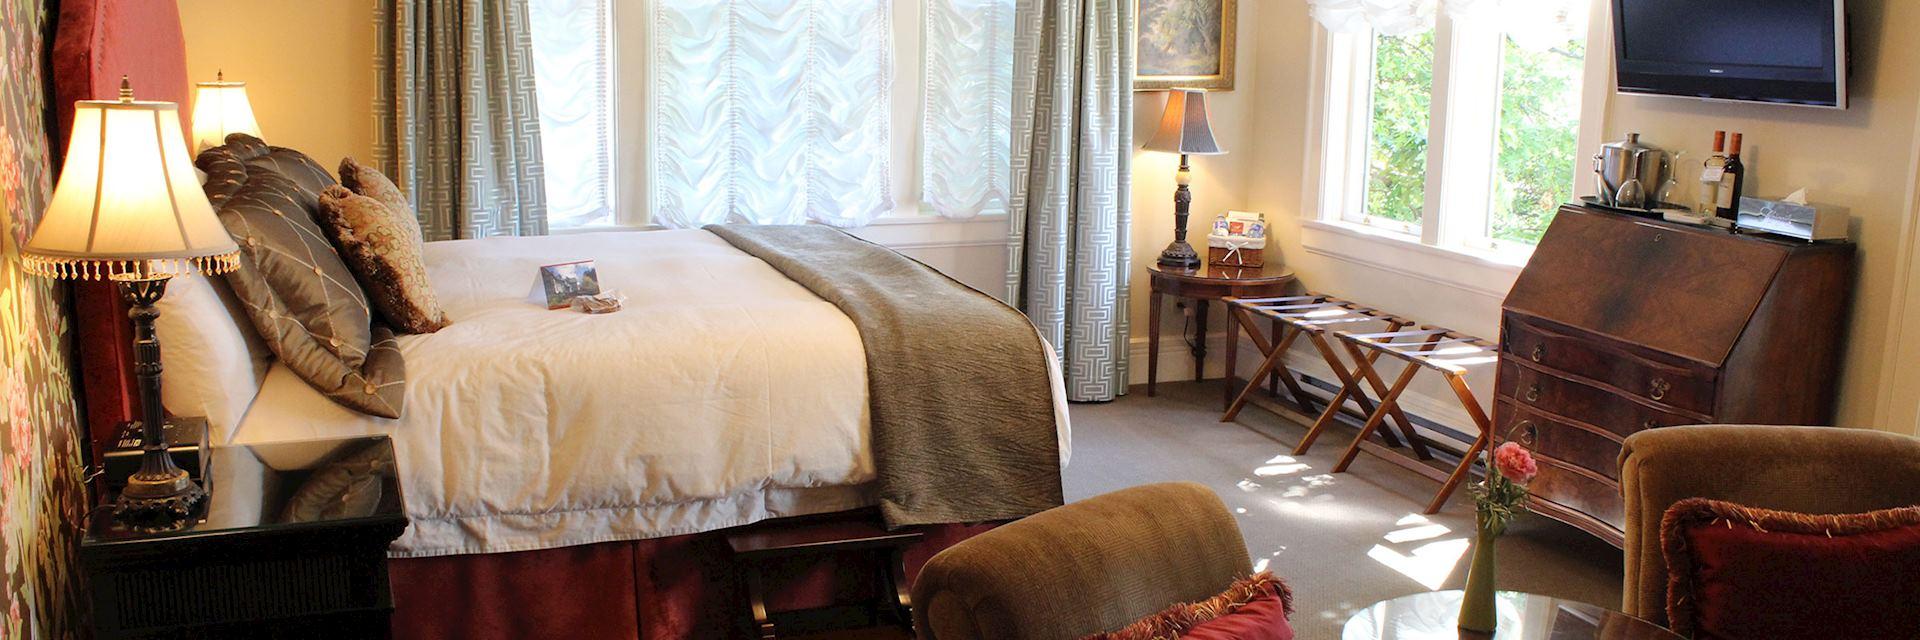 Abigail's Hotel, Victoria, Canada